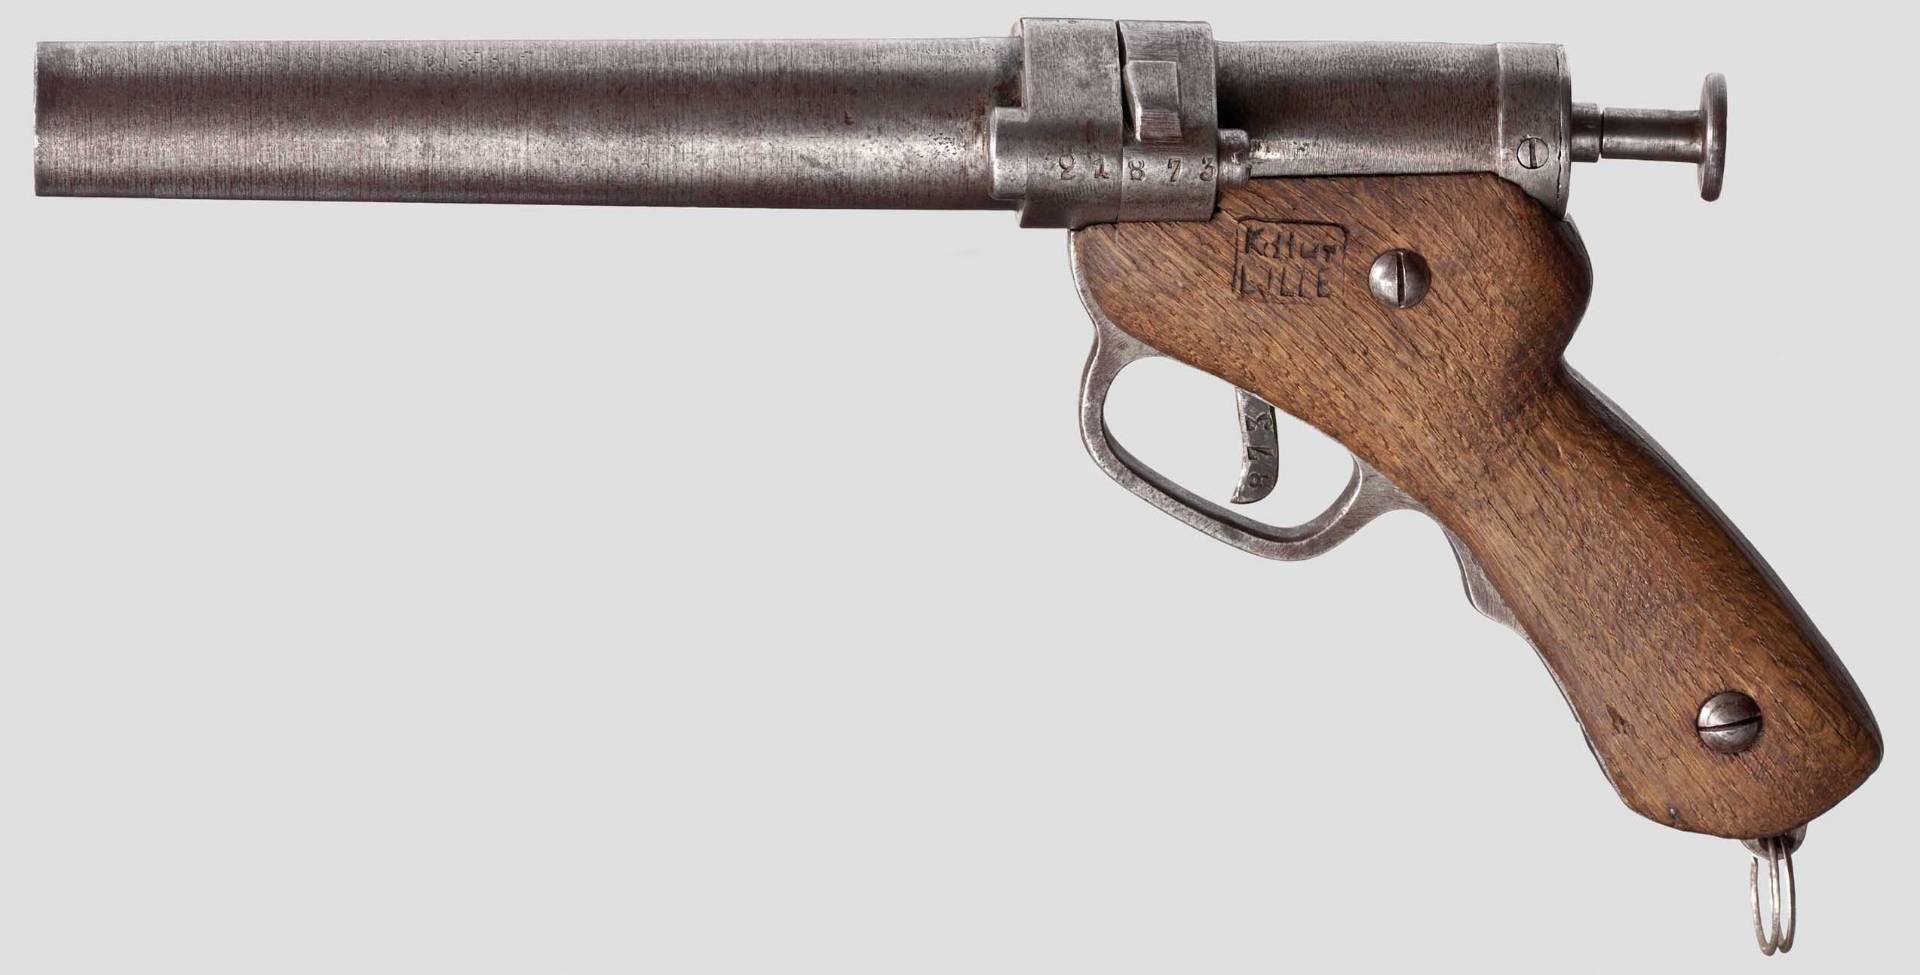 """Dénommé """"Kommandantur Lille"""", ce pistolet signaleur de conception rustique a été produit au cours de la Grande Guerre dans les ateliers de l'usine Peugeot de Lille alors occupée par les Allemands."""